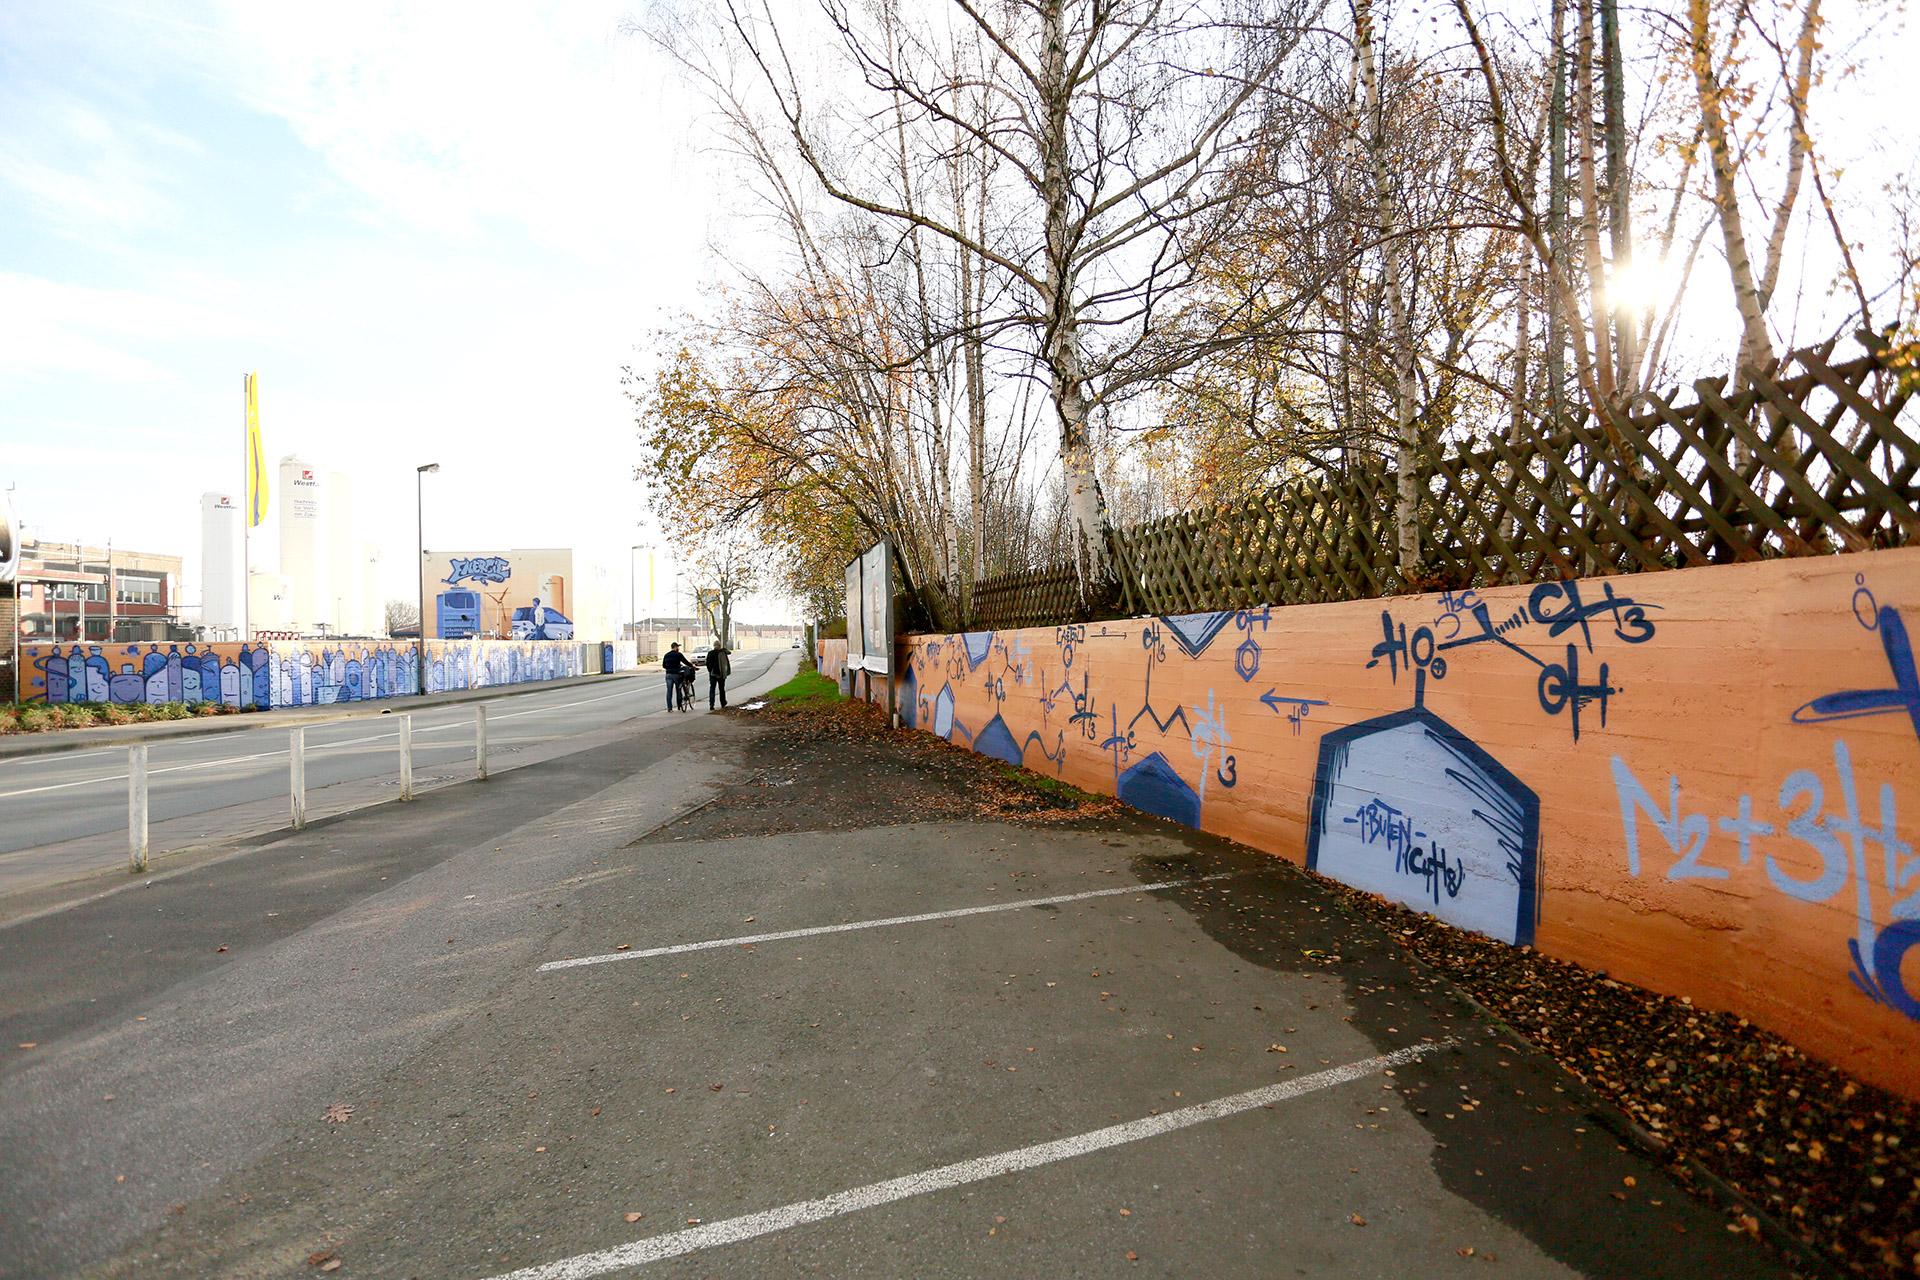 Westfalen Ag, Graffiti, Unternehmen, Münster, Auckz, Gasflaschen, Formeln, Sprayen, Industrieweg, Bennet Grüttner